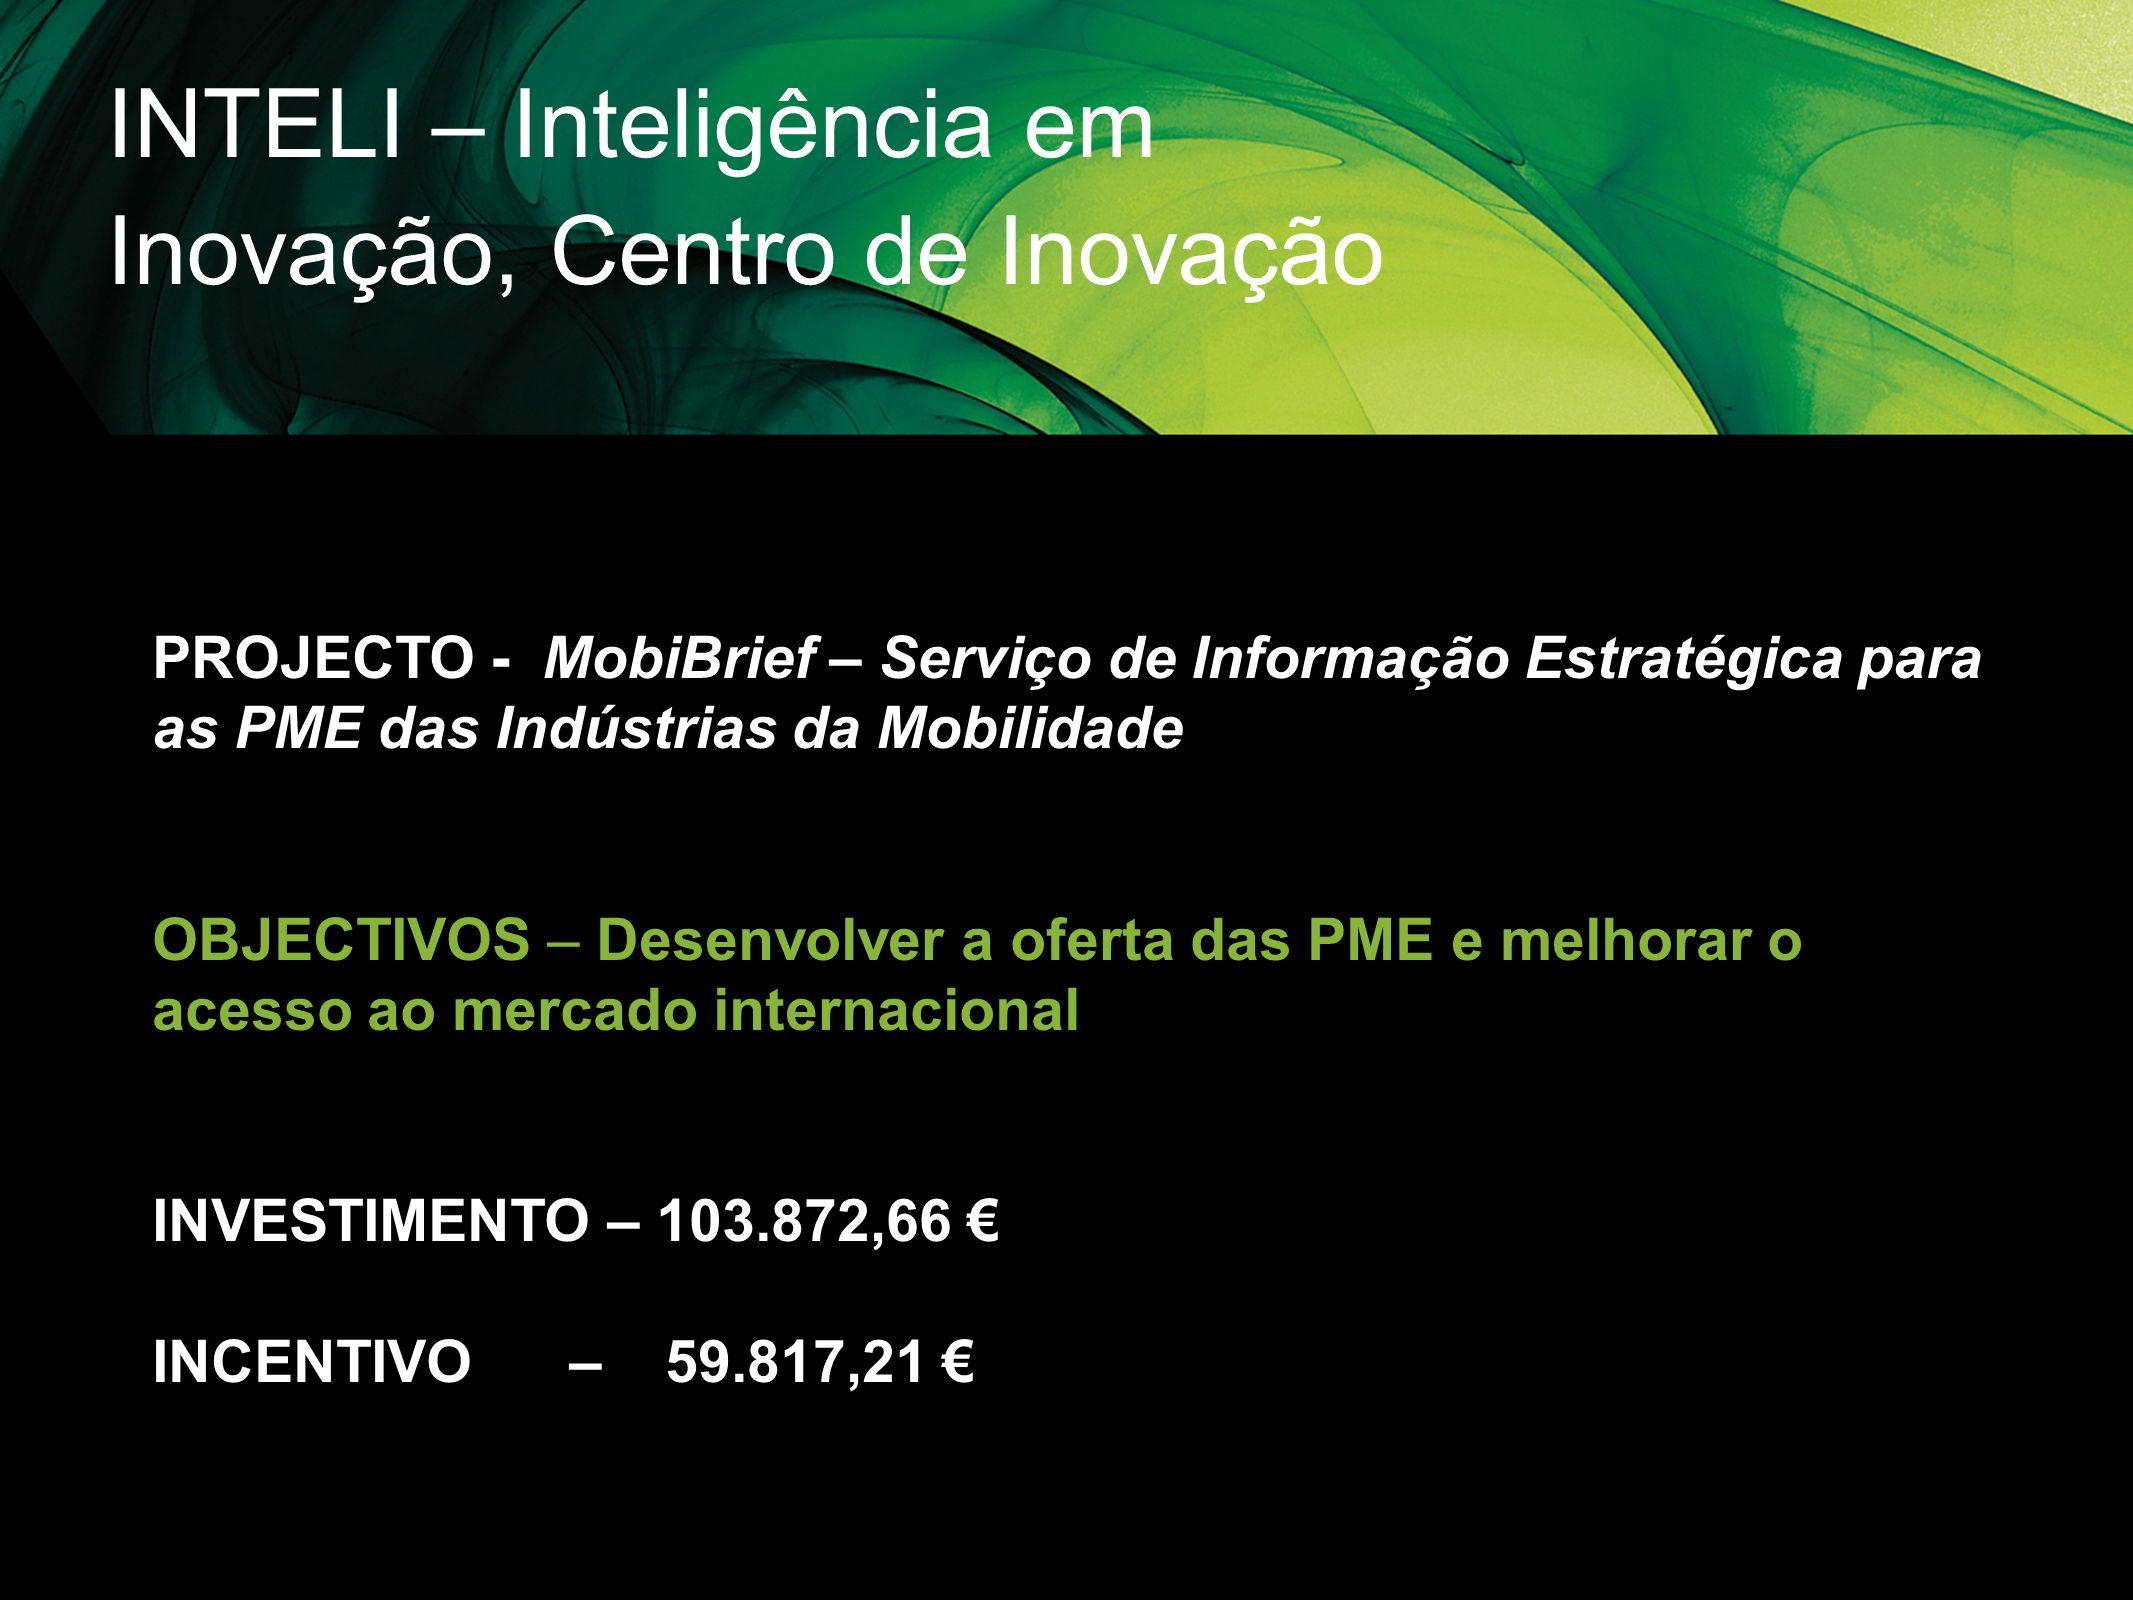 INTELI – Inteligência em Inovação, Centro de Inovação PROJECTO - MobiBrief – Serviço de Informação Estratégica para as PME das Indústrias da Mobilidad